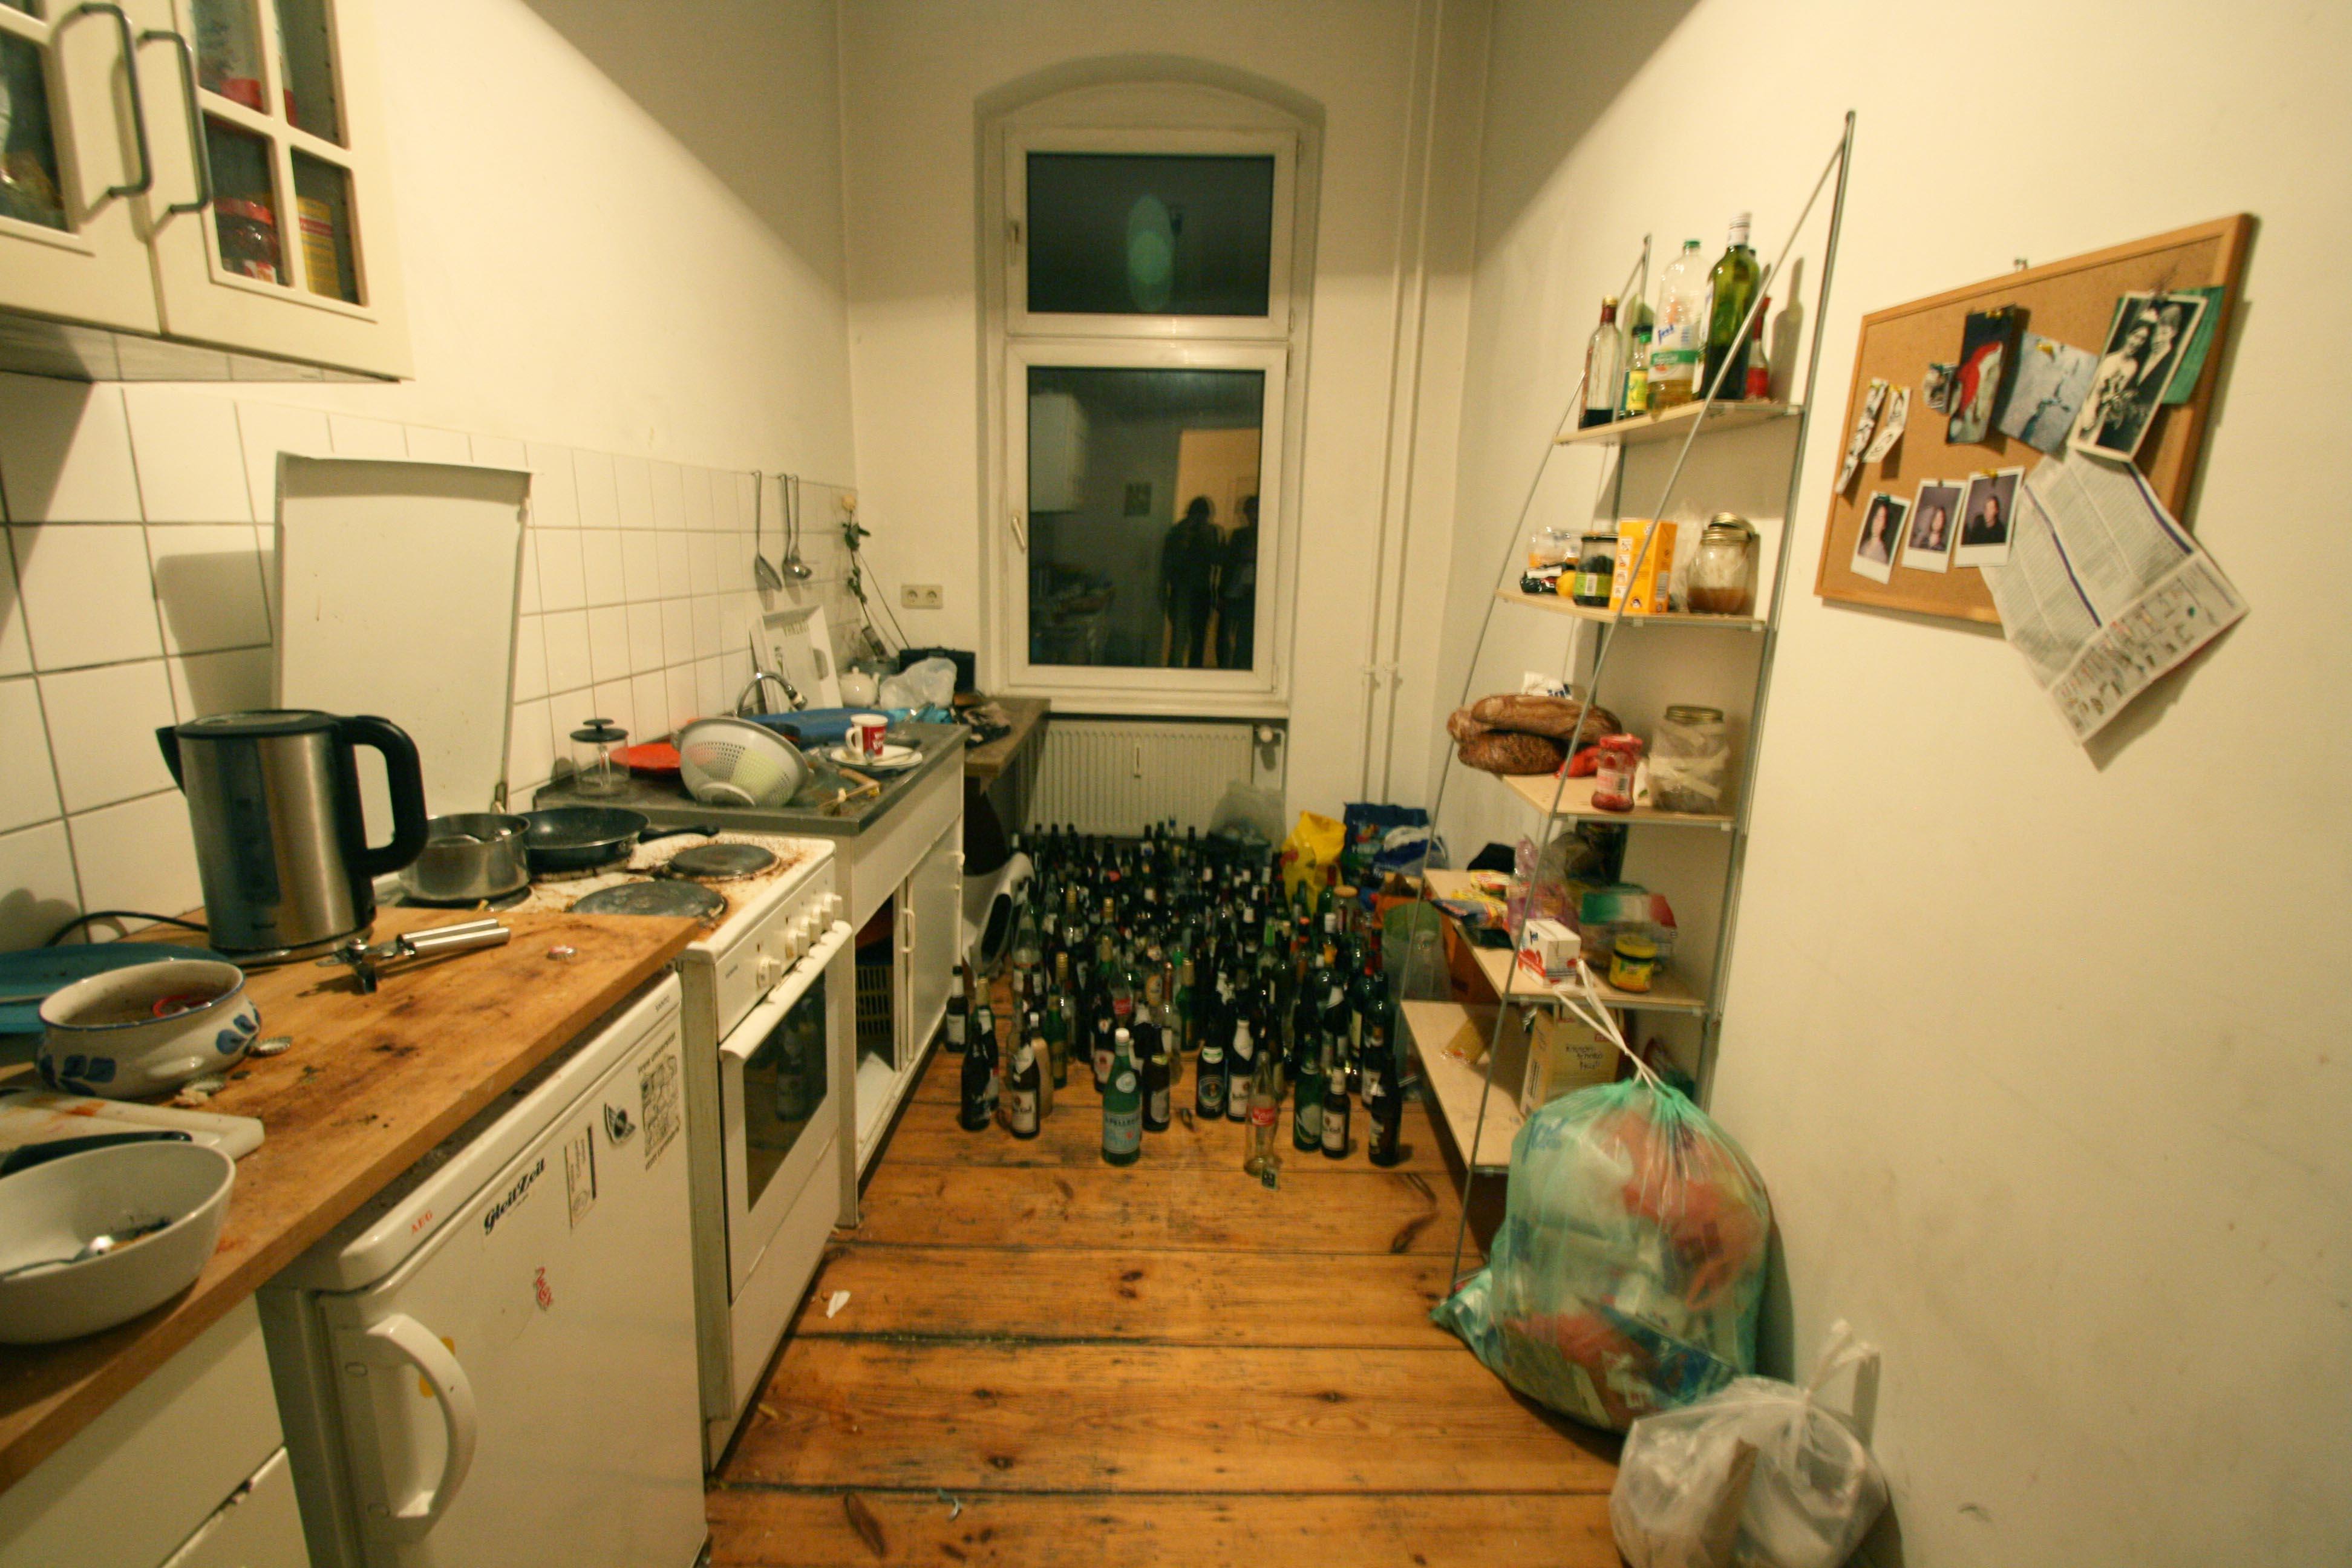 Beers in the kitchen (Berlin)